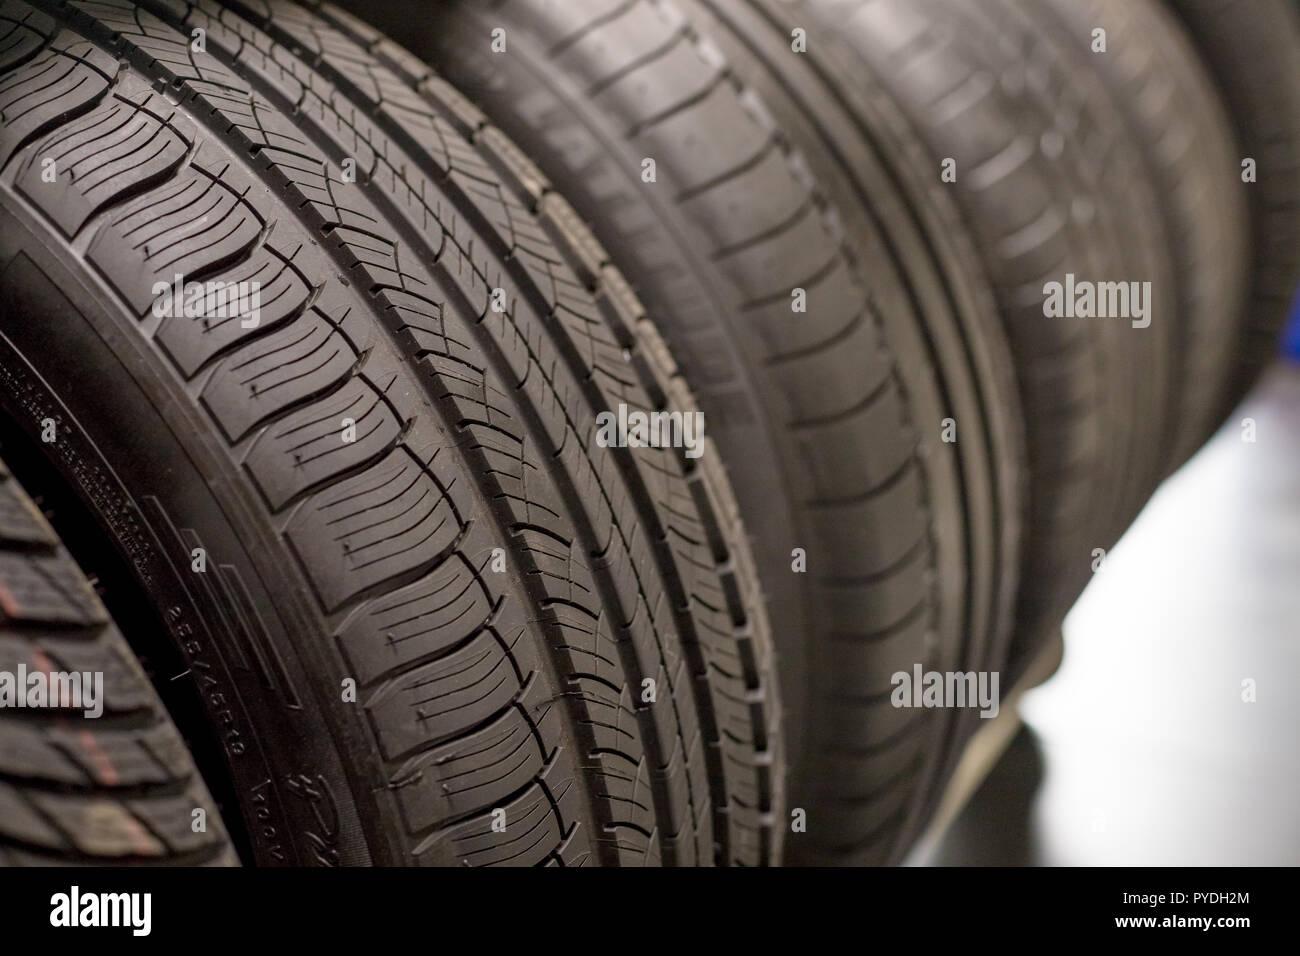 Nouveau pneu de voiture noire, gros plan.Tout nouveau pneus hiver avec une bande de roulement moderne.isolés selective focus.pile de pneus background.saison d'hiver. La texture de la bande de roulement des pneus de voiture. Banque D'Images